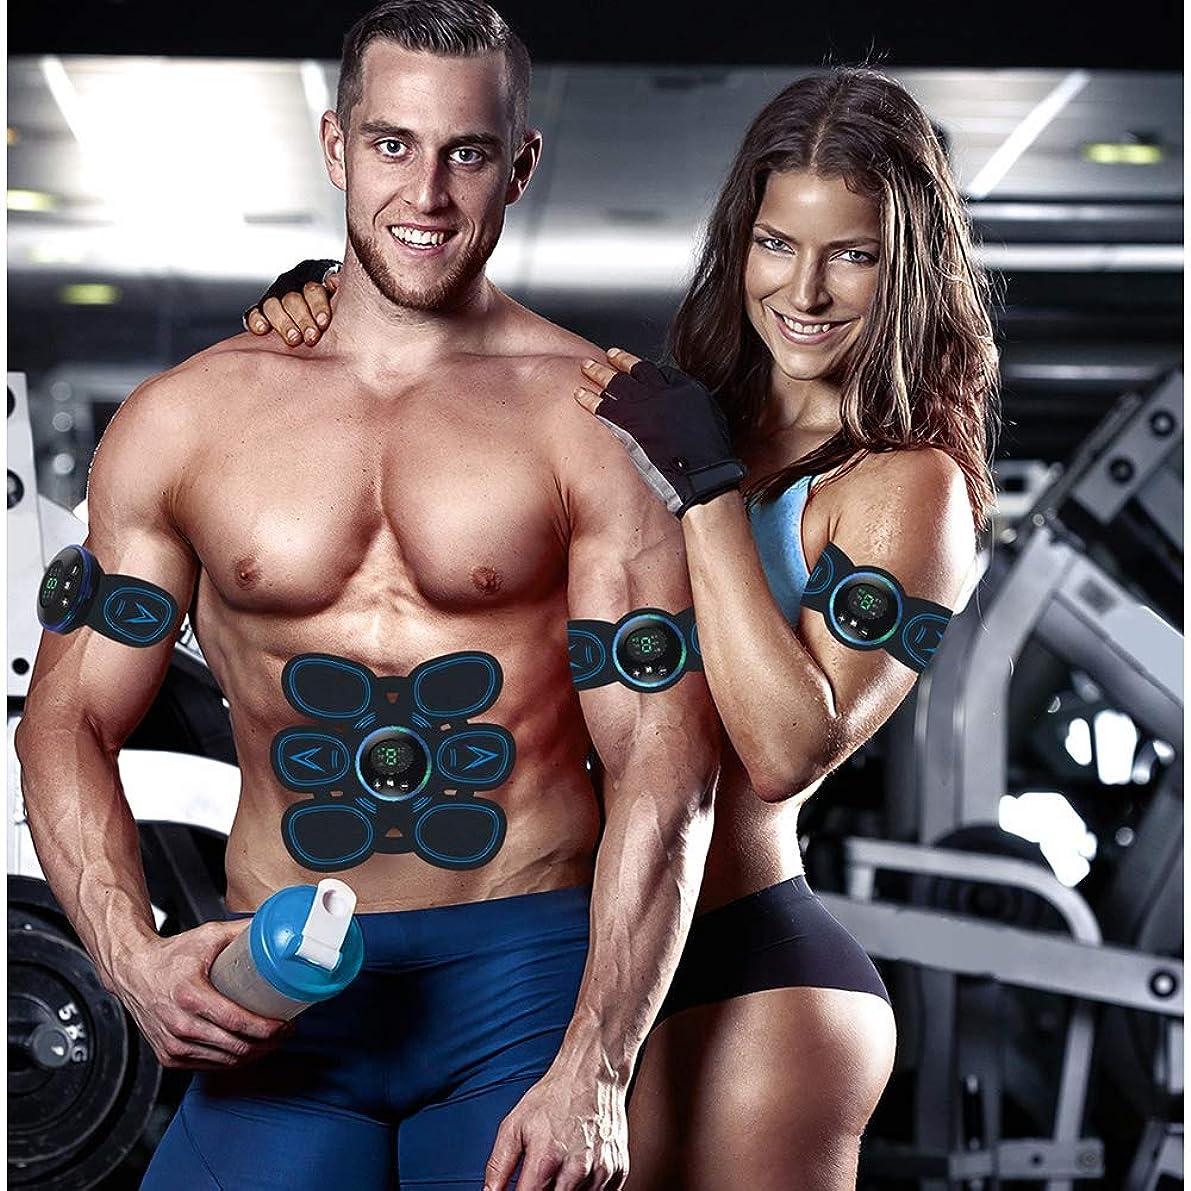 緊急決してペナルティ新しいスマート腹部デバイスEMS筋肉刺激装置USB充電式減量細い腰筋肉トレーニングウエスト整形ボディマッサージフィットネス機器